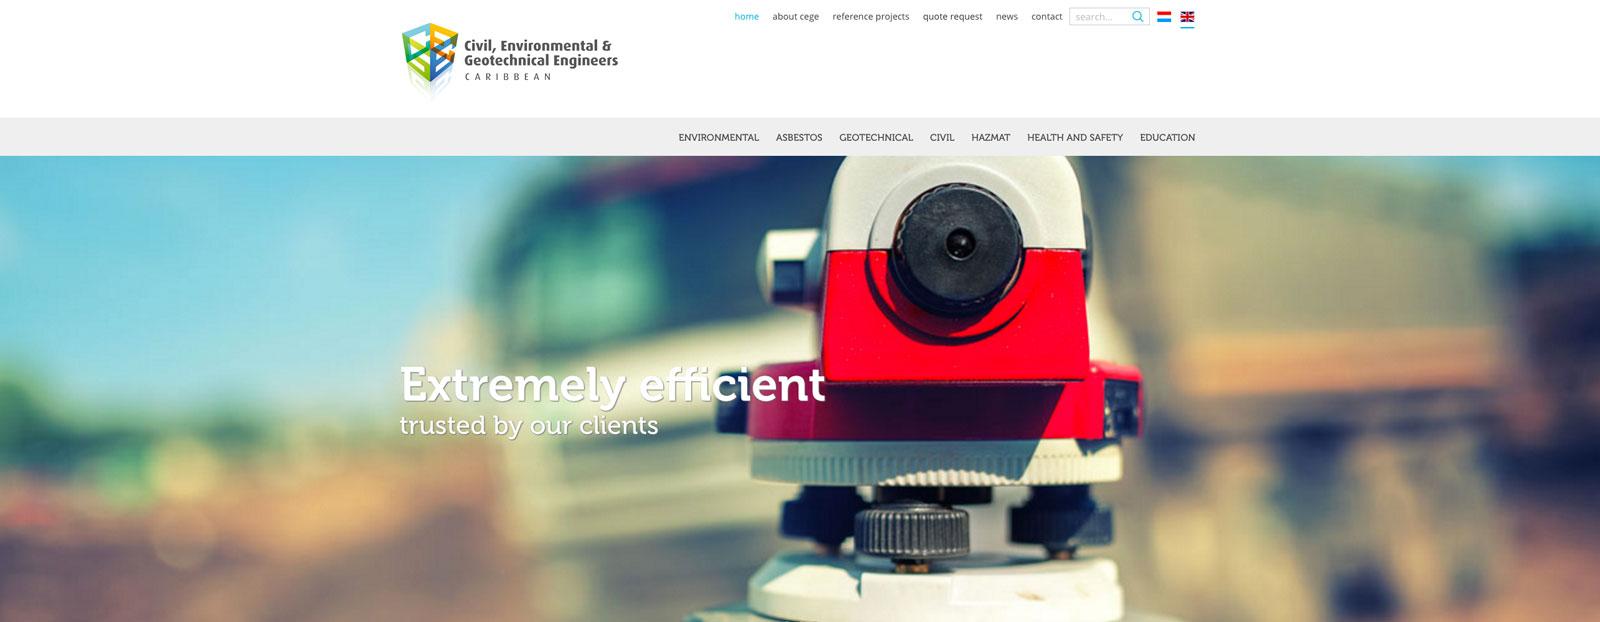 CEGE nieuwsitem nieuwe website